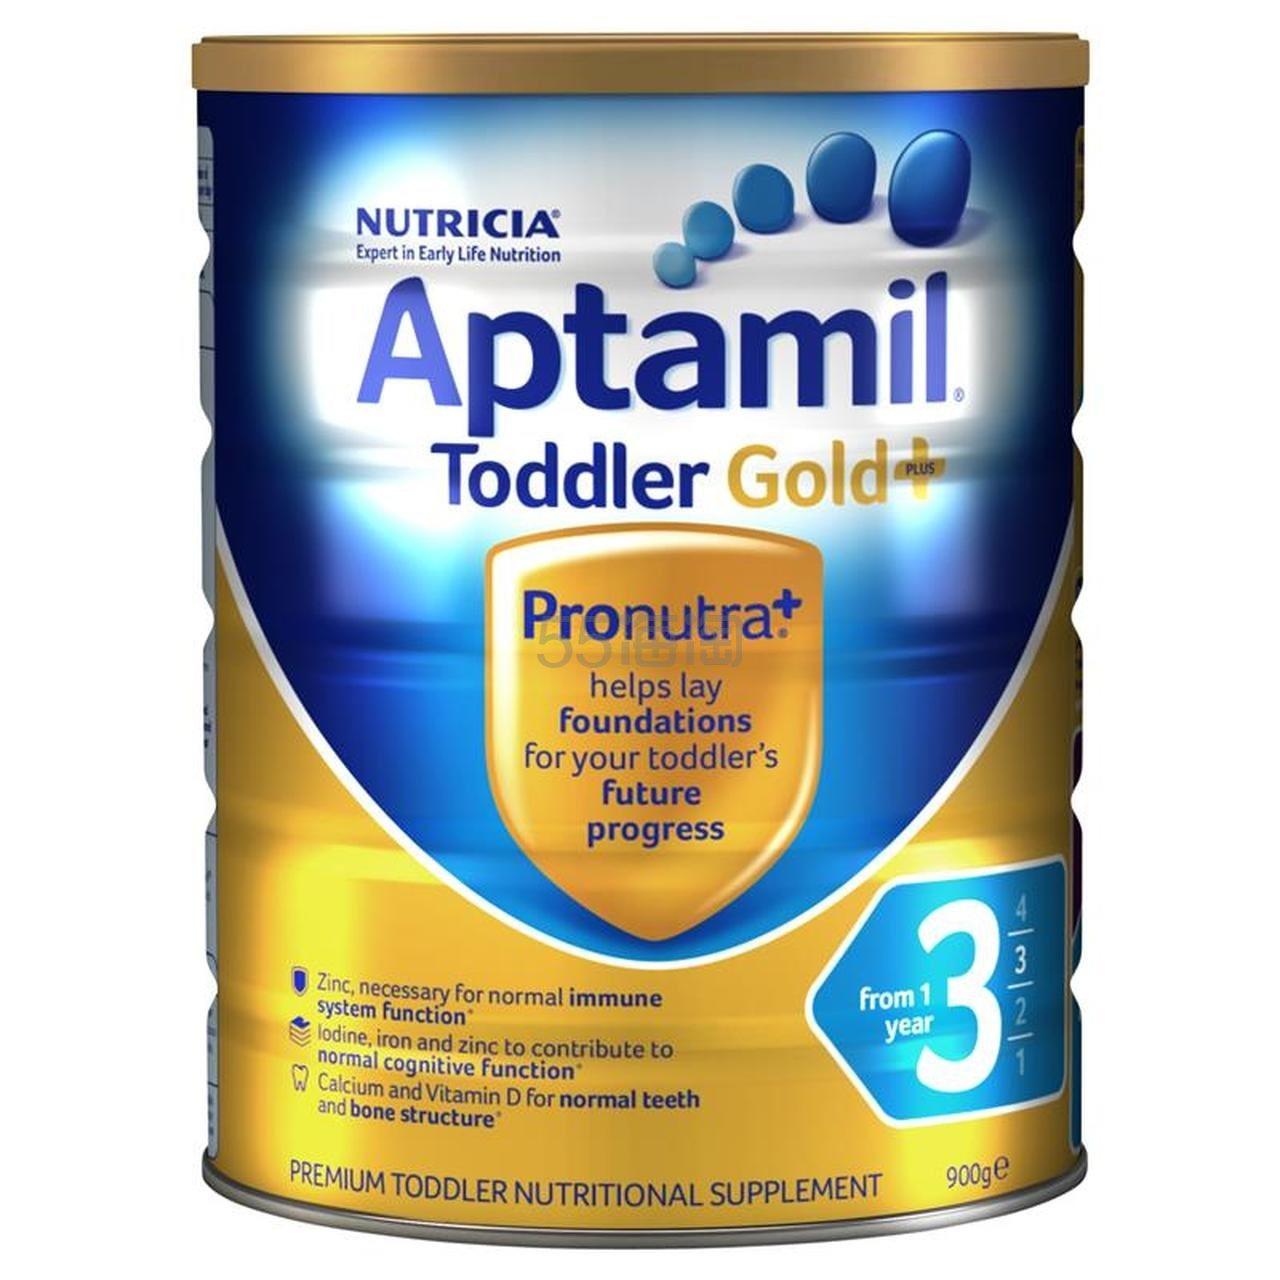 补货!【最高满减10澳】Aptamil 爱他美 婴儿金装奶粉 3段 900g 20.49澳币(约93元) - 海淘优惠海淘折扣|55海淘网